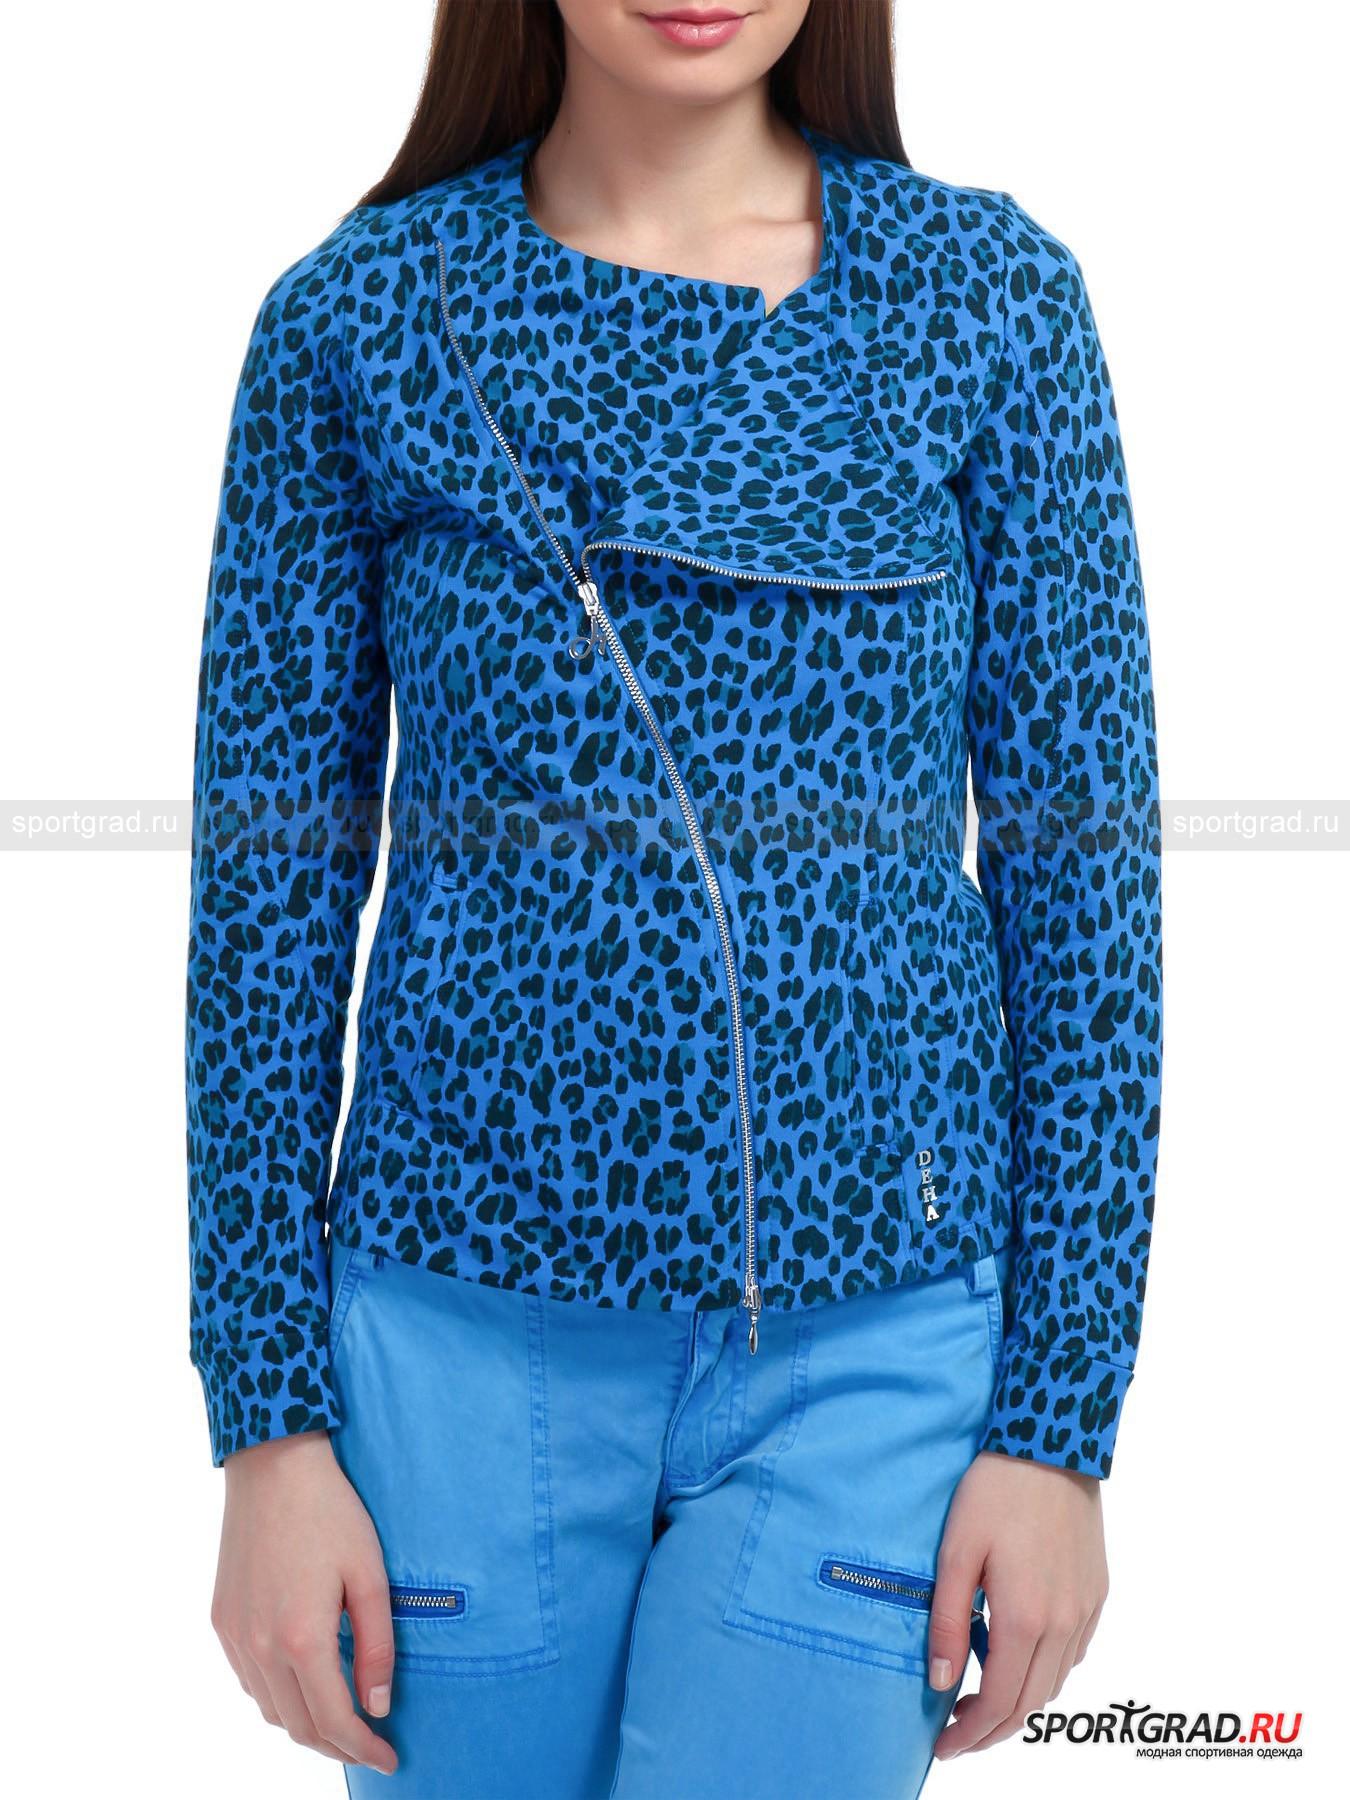 Толстовка-жакет женская  Jacket  DEHA с леопардовым принтом